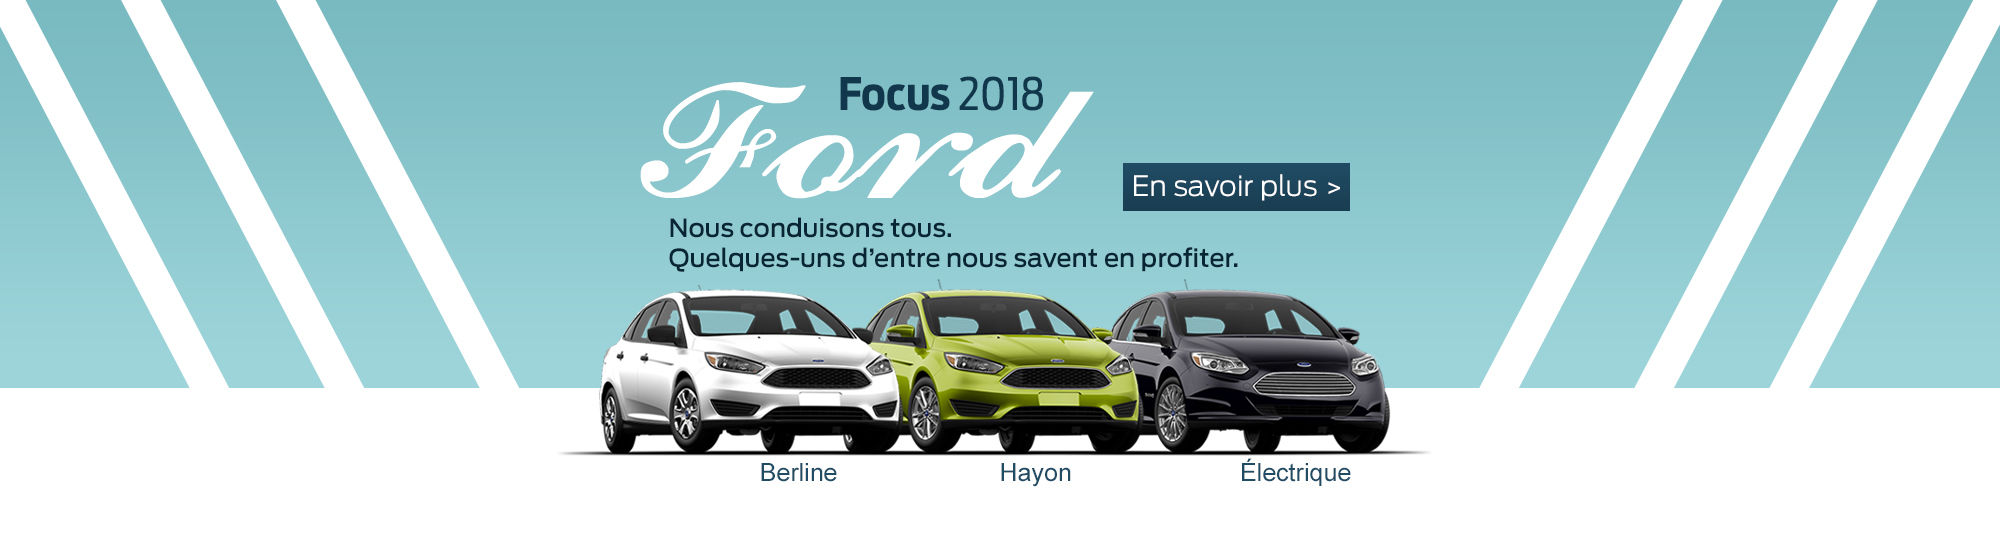 Focus 2018